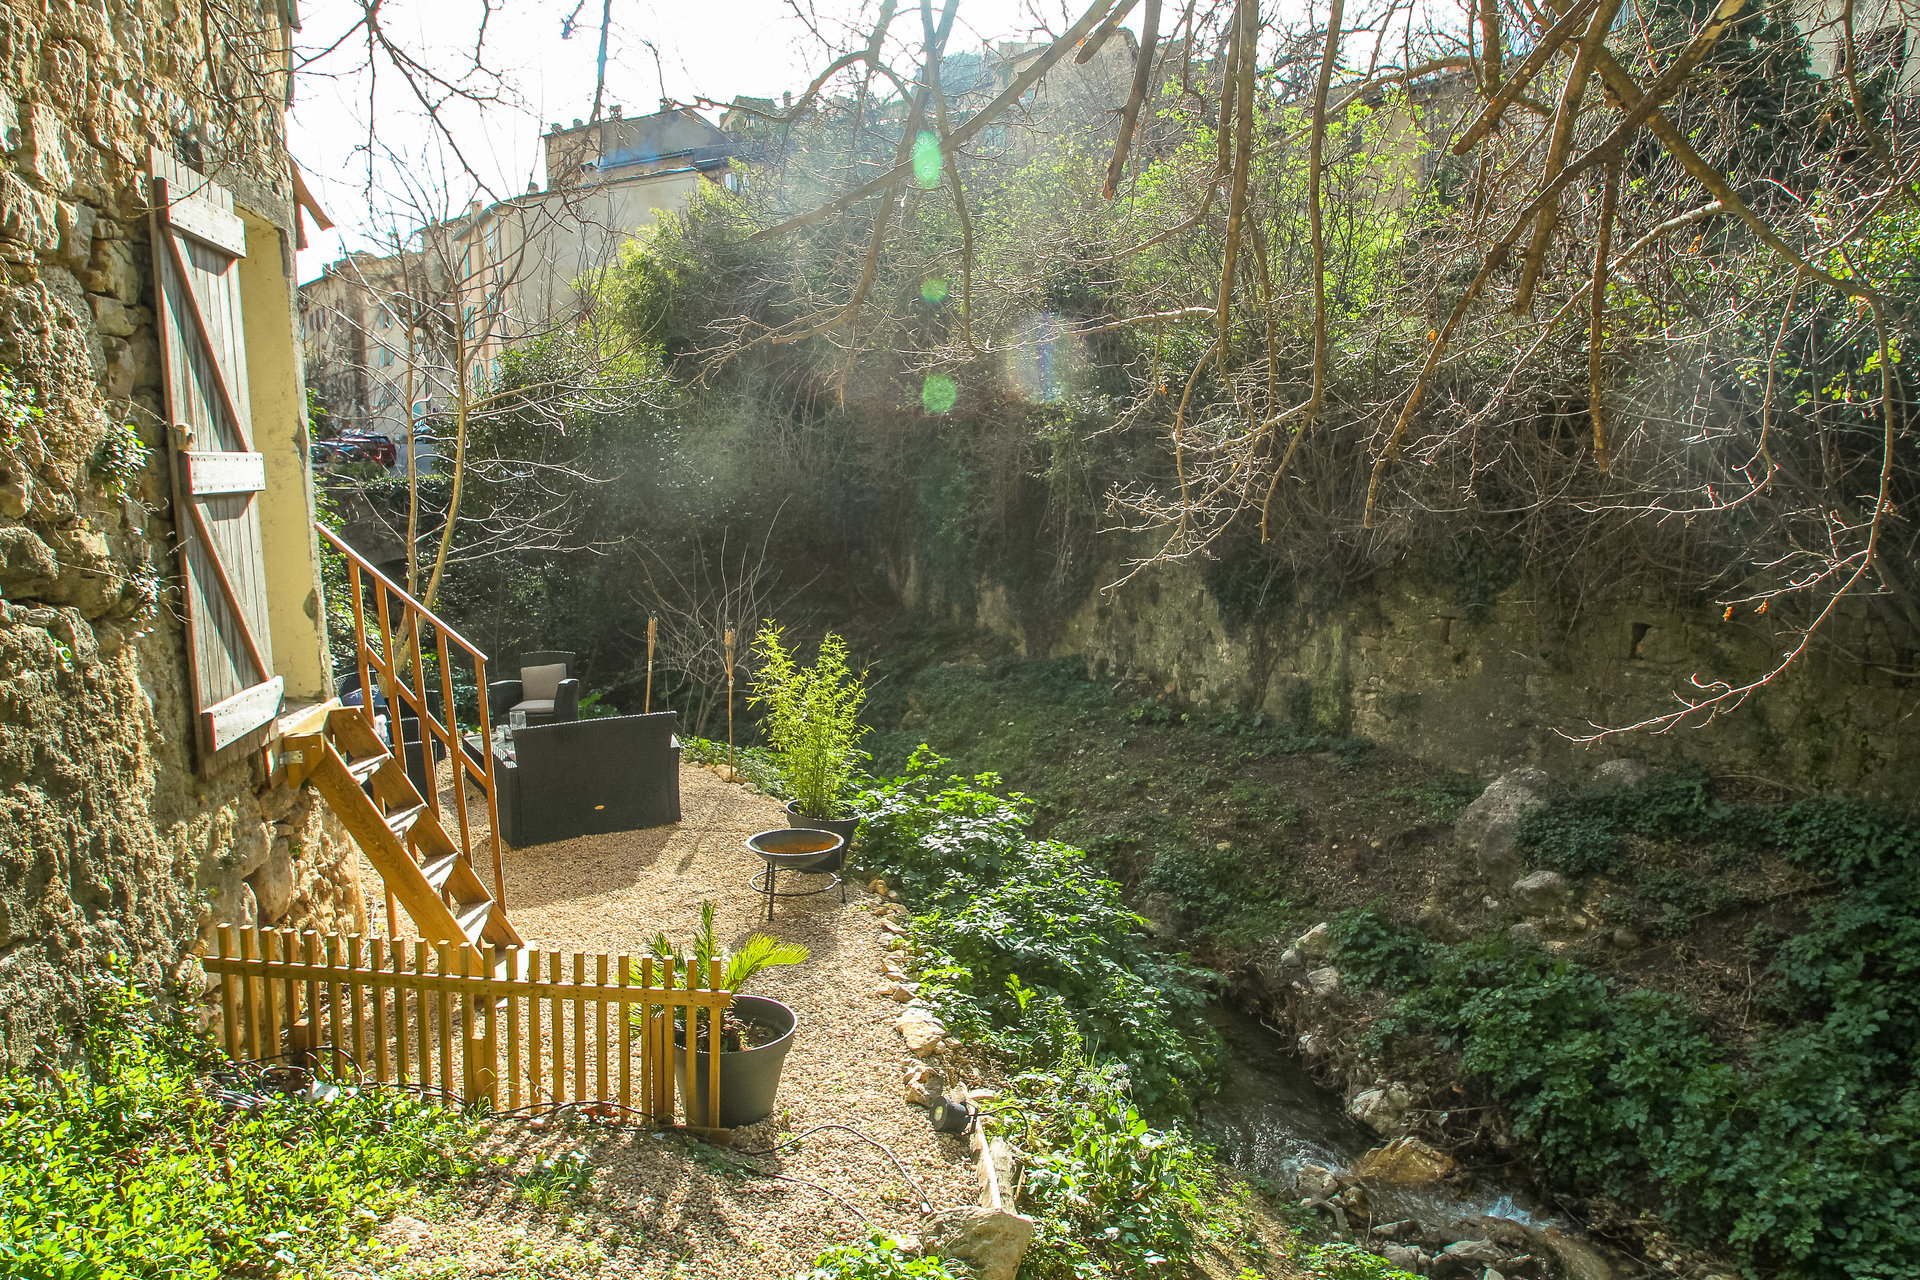 'En pierre' dorpshuis aan een beekje